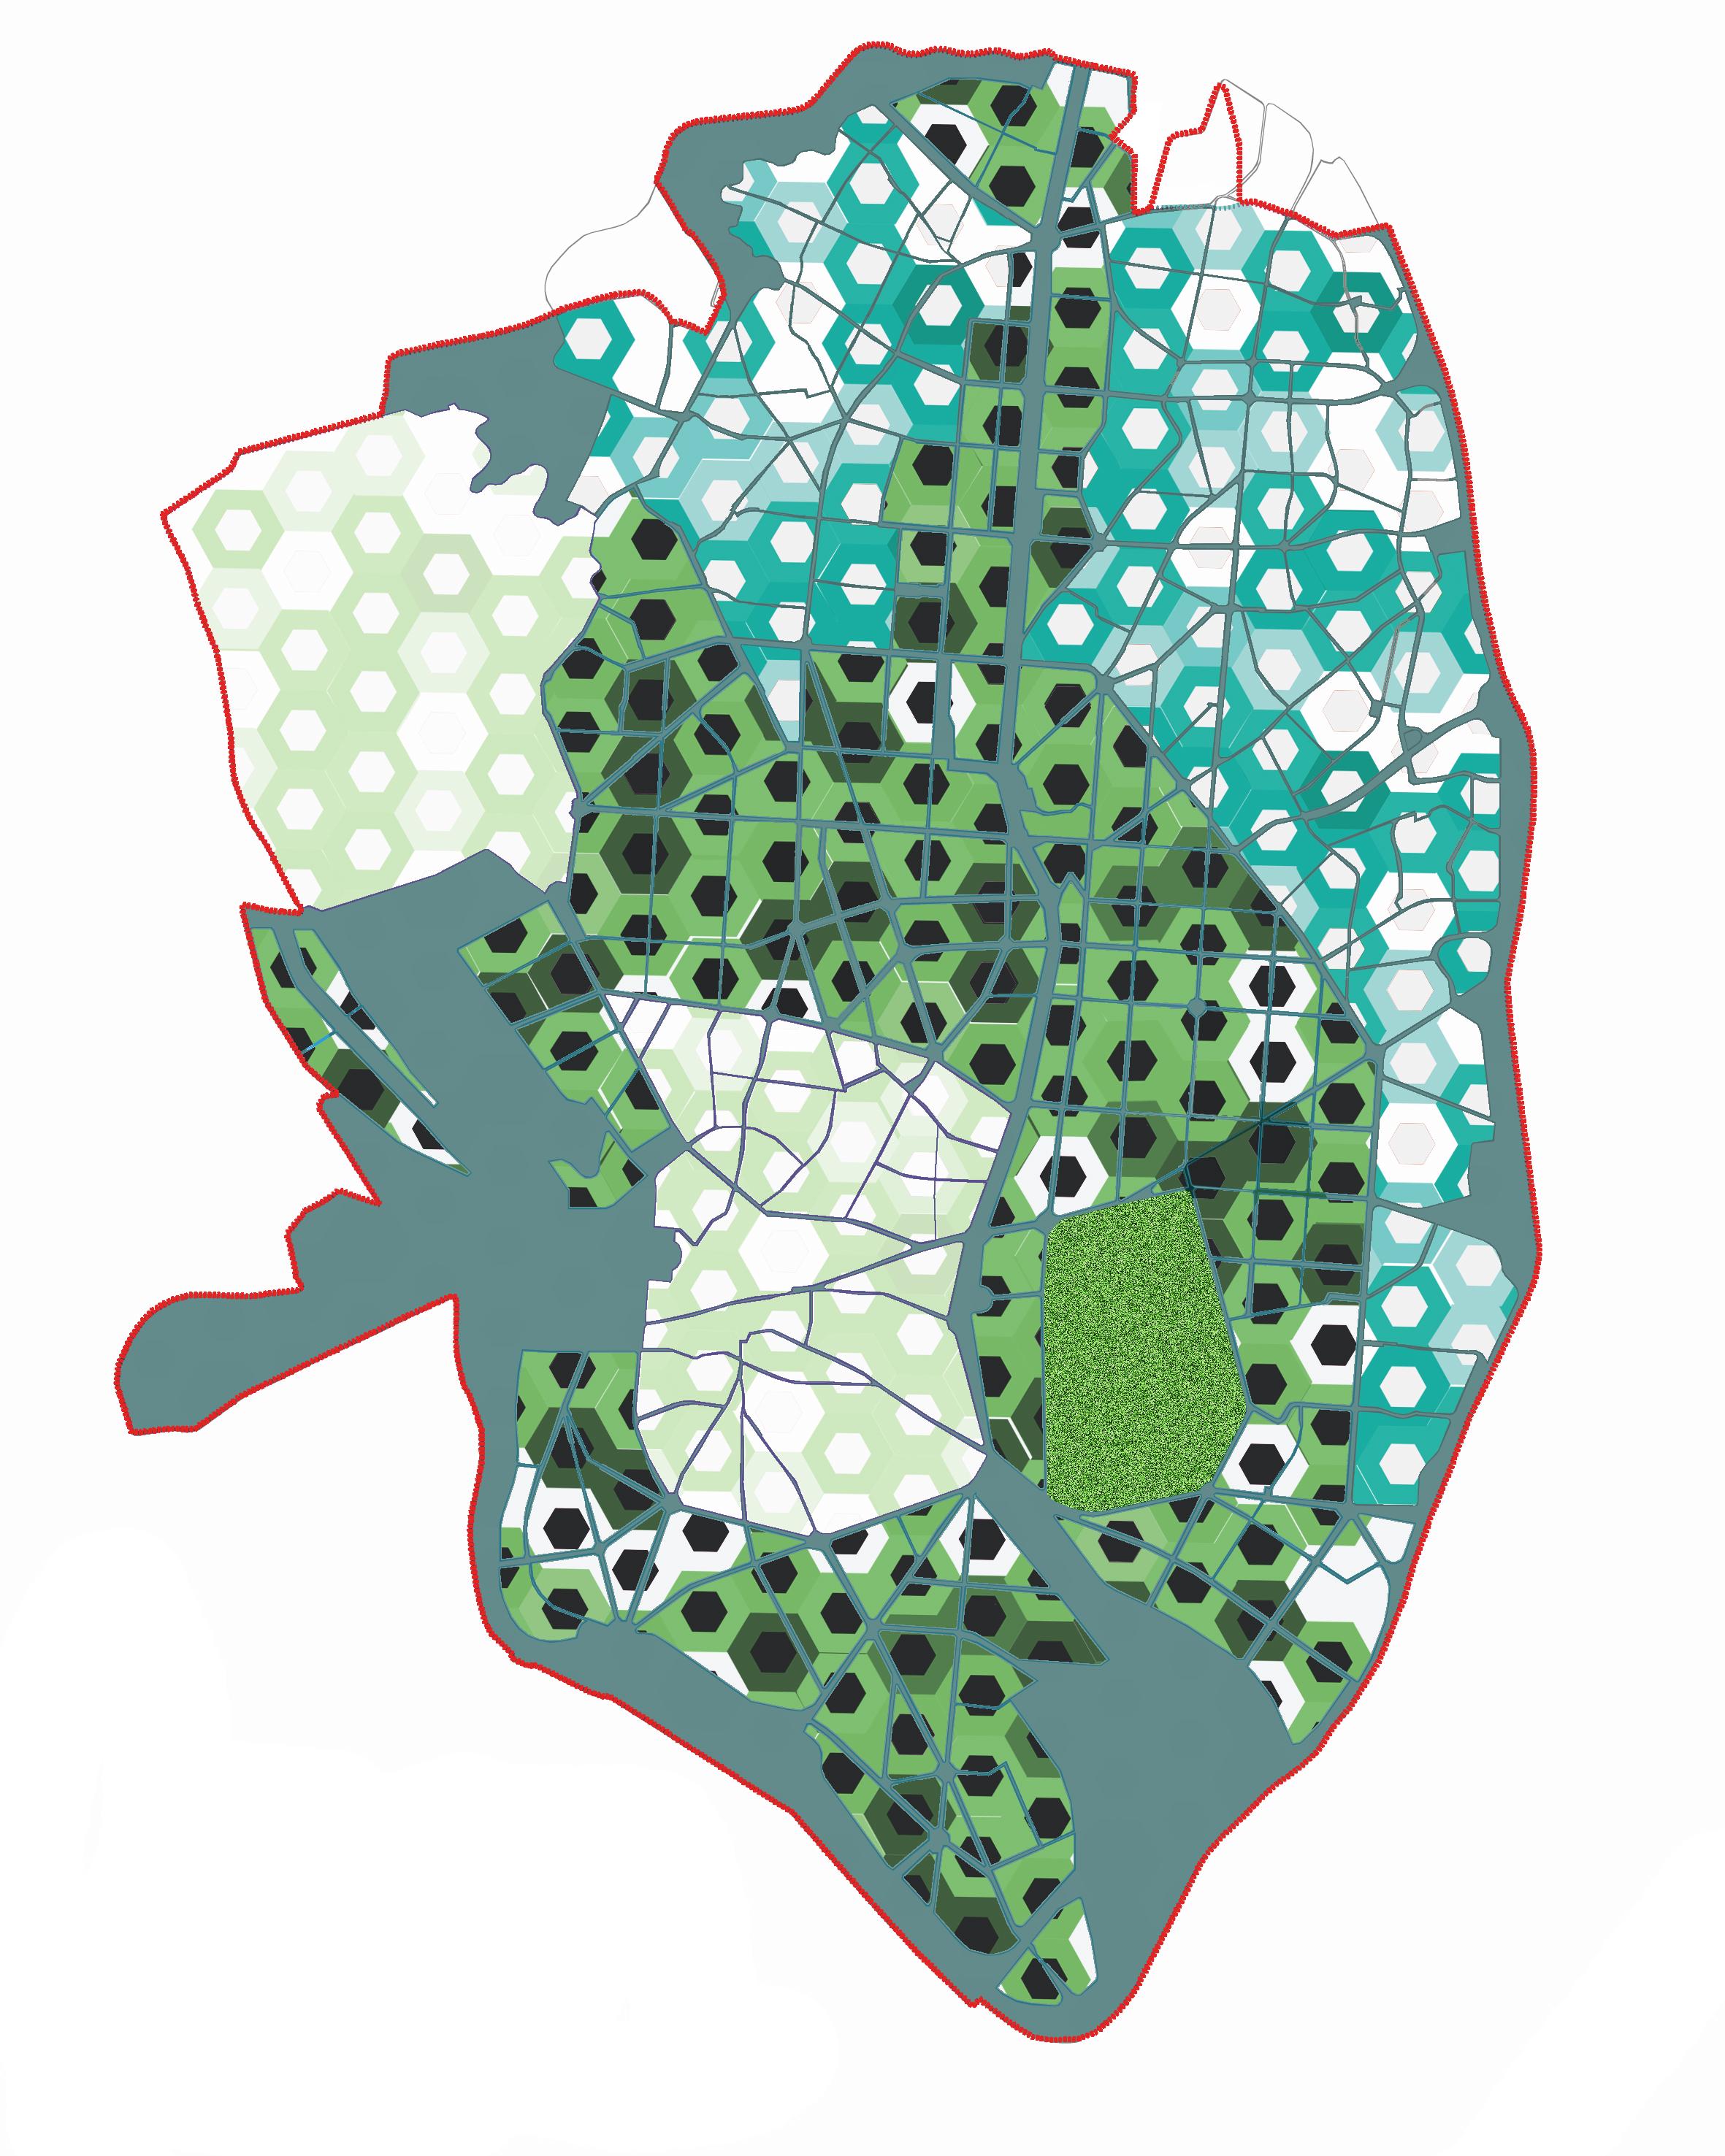 Novo urbanismo de transformação e reciclagem: Projeto Madrid Centro